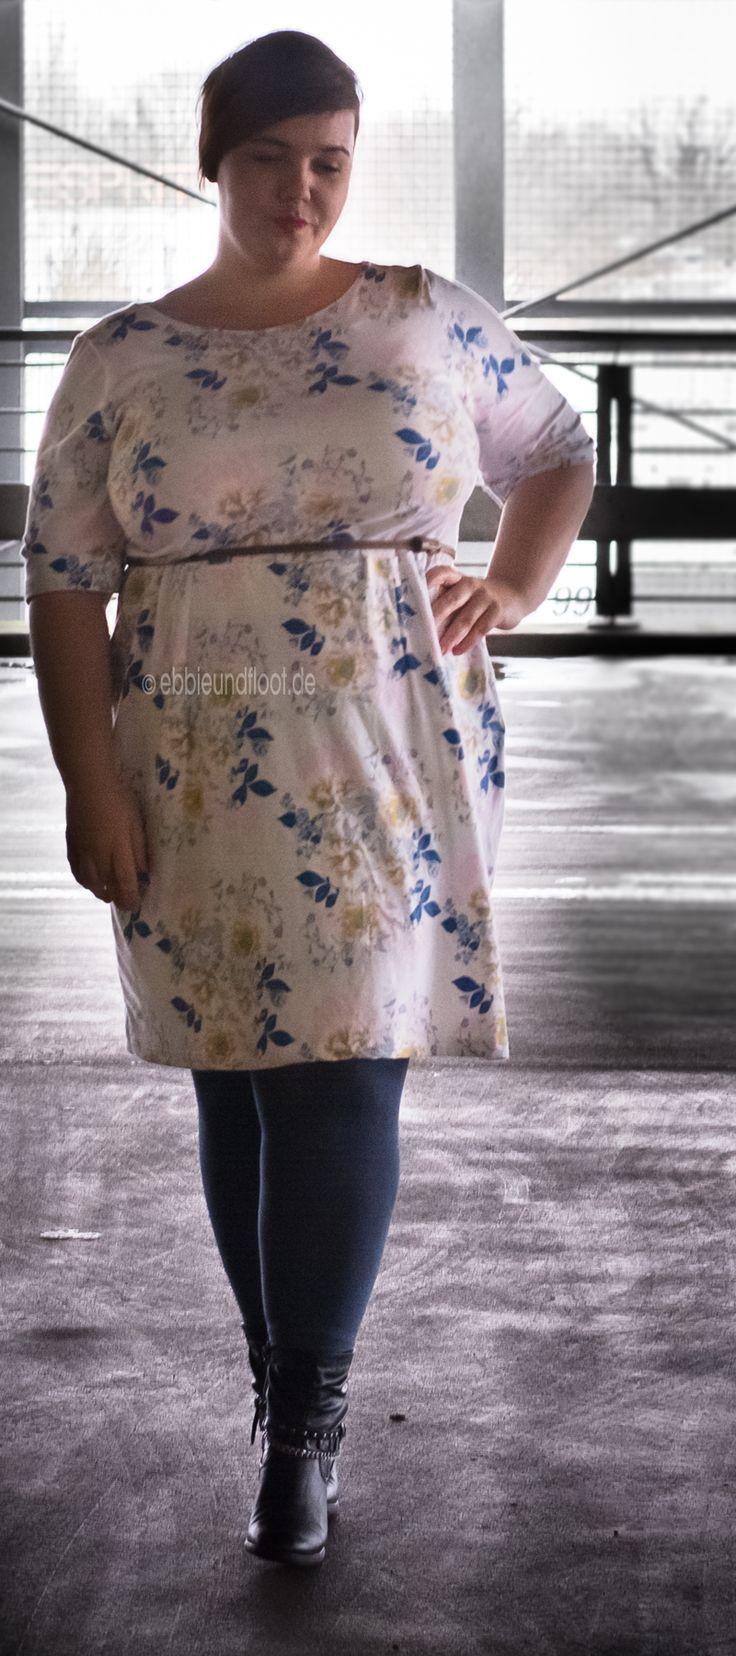 Schnittmuster für Mollige: Tolles Kleid für gro…